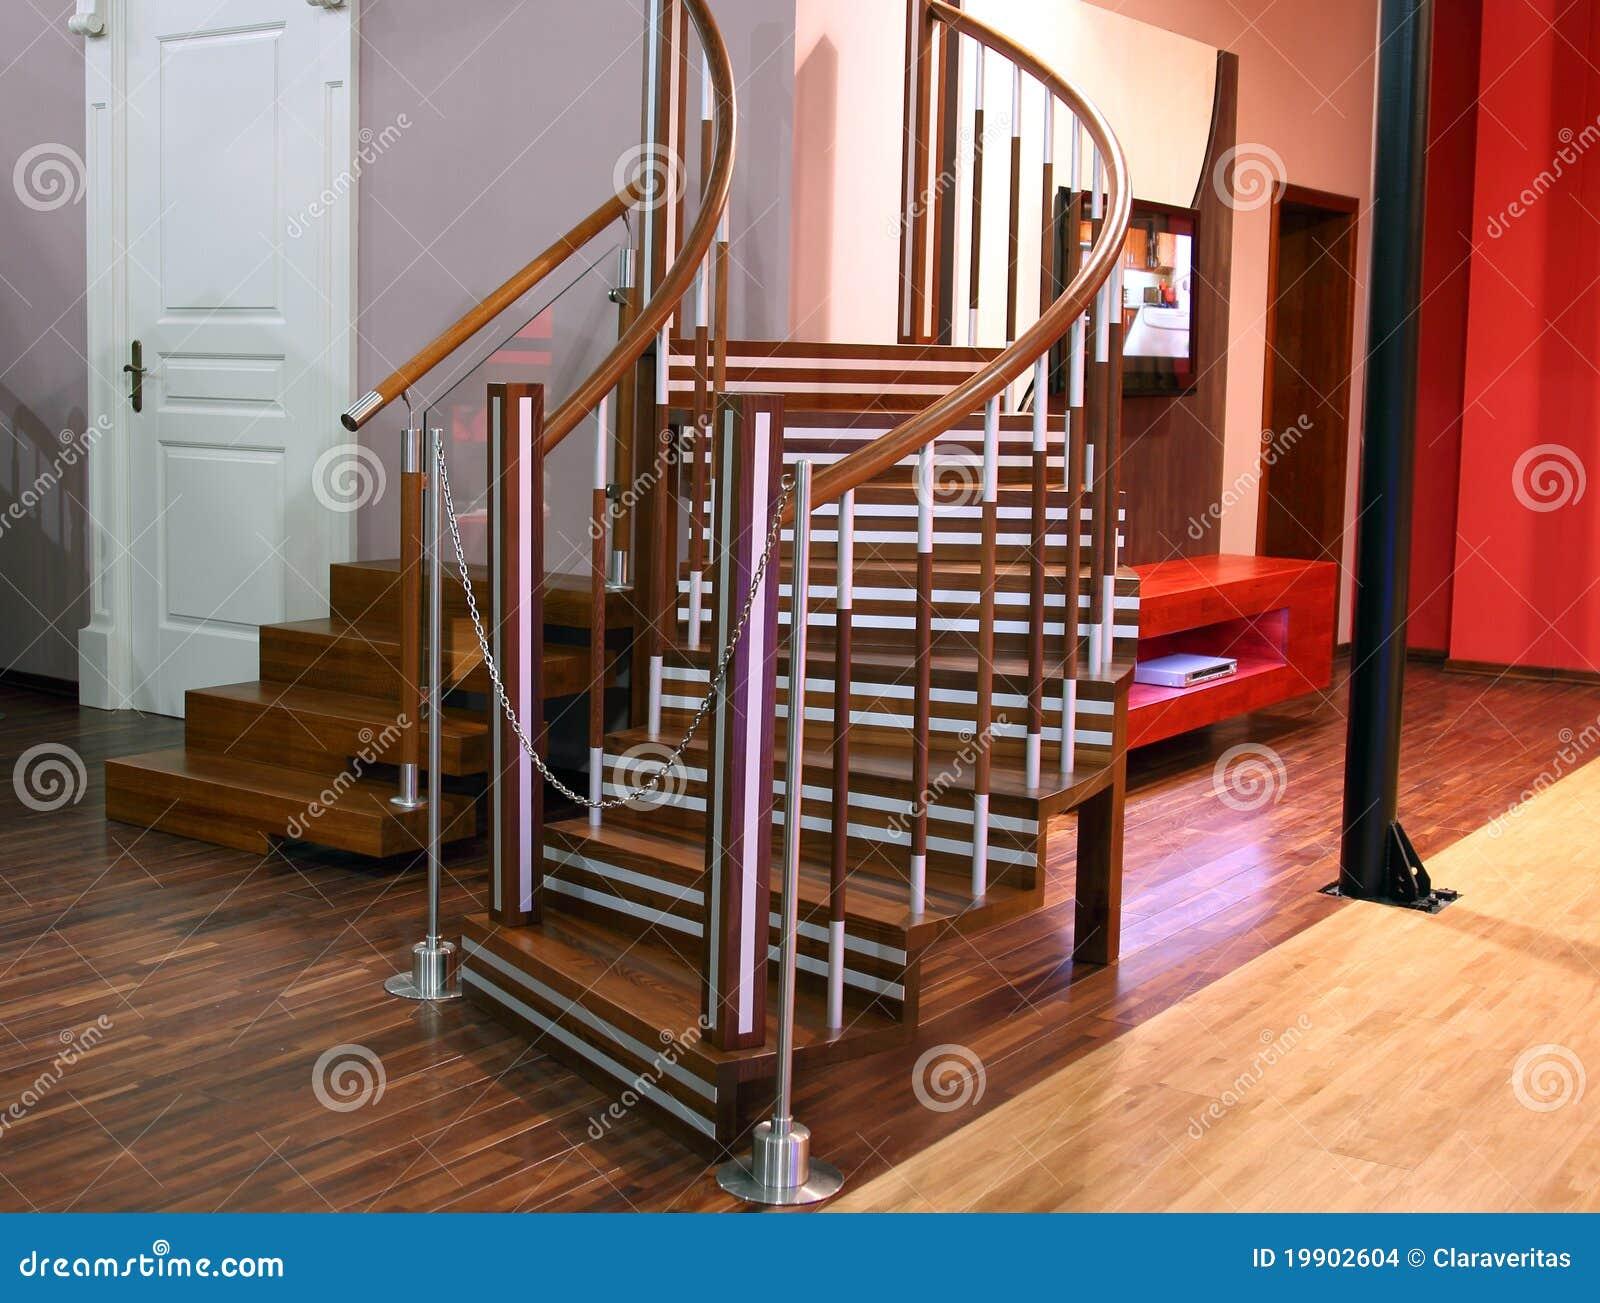 modernes wohnzimmer mit treppe : Moderne Treppen F R Wohnzimmer Stockfoto Bild 19902604